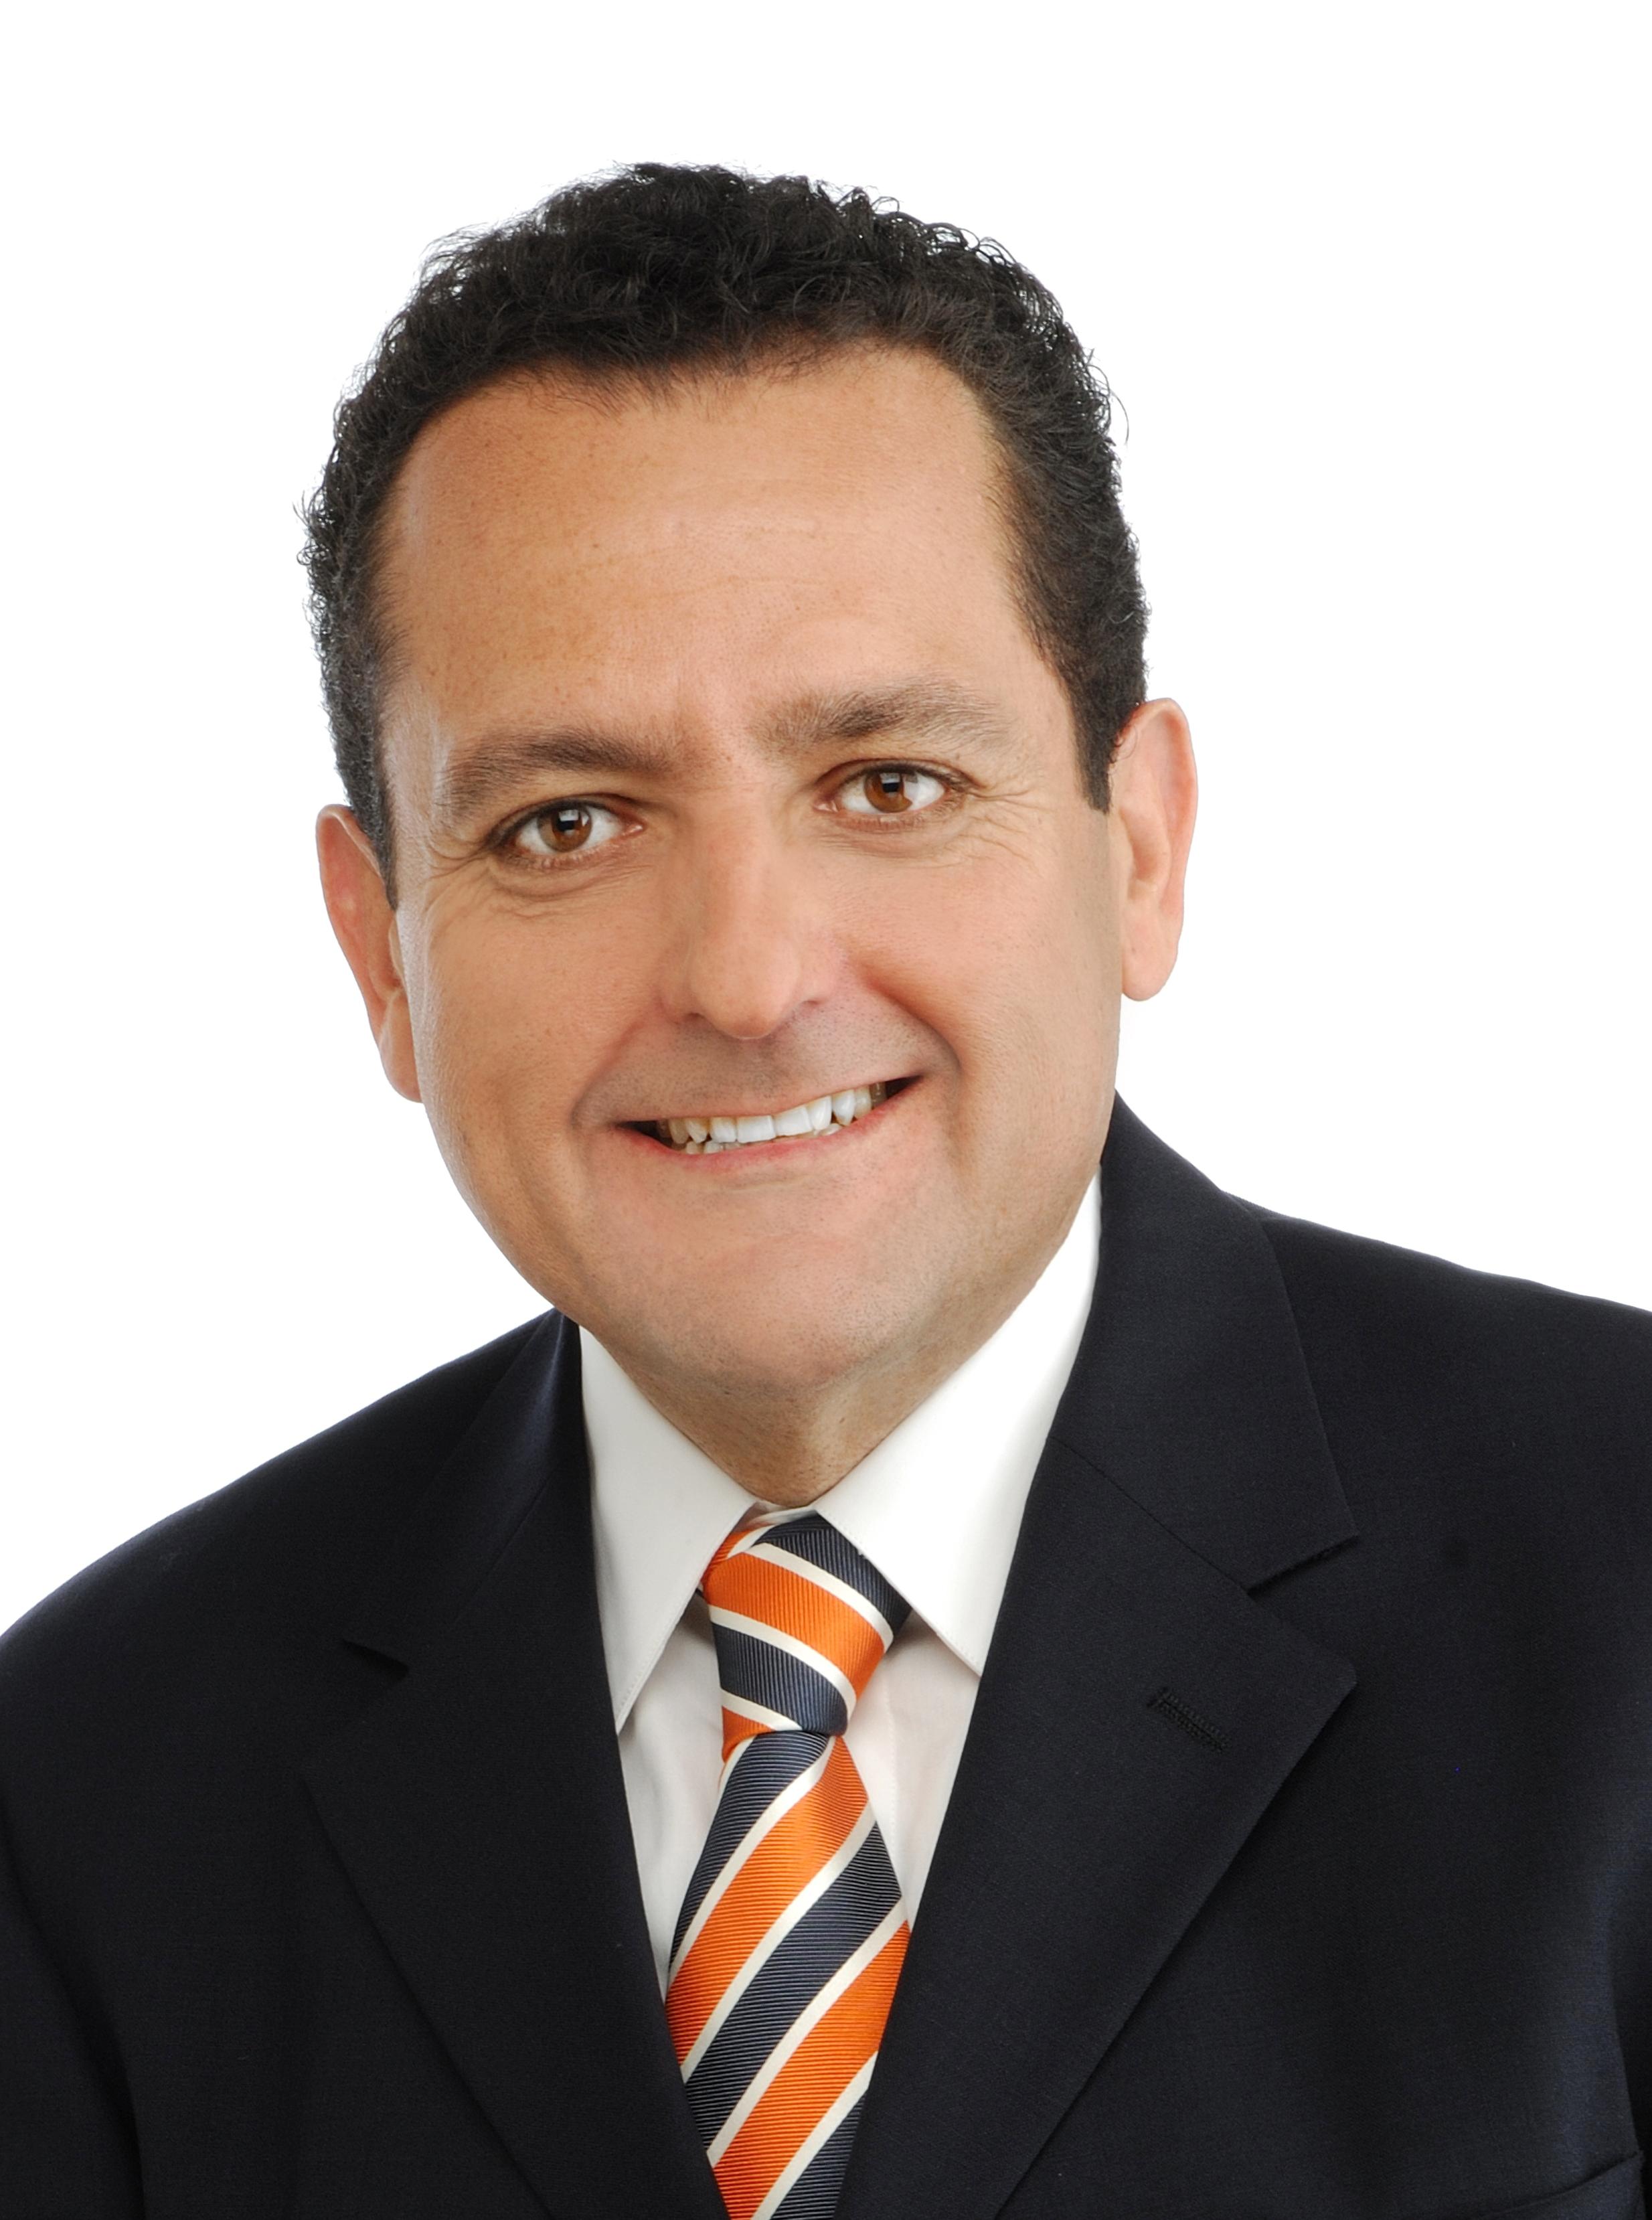 Carlos Mendoza Net Worth